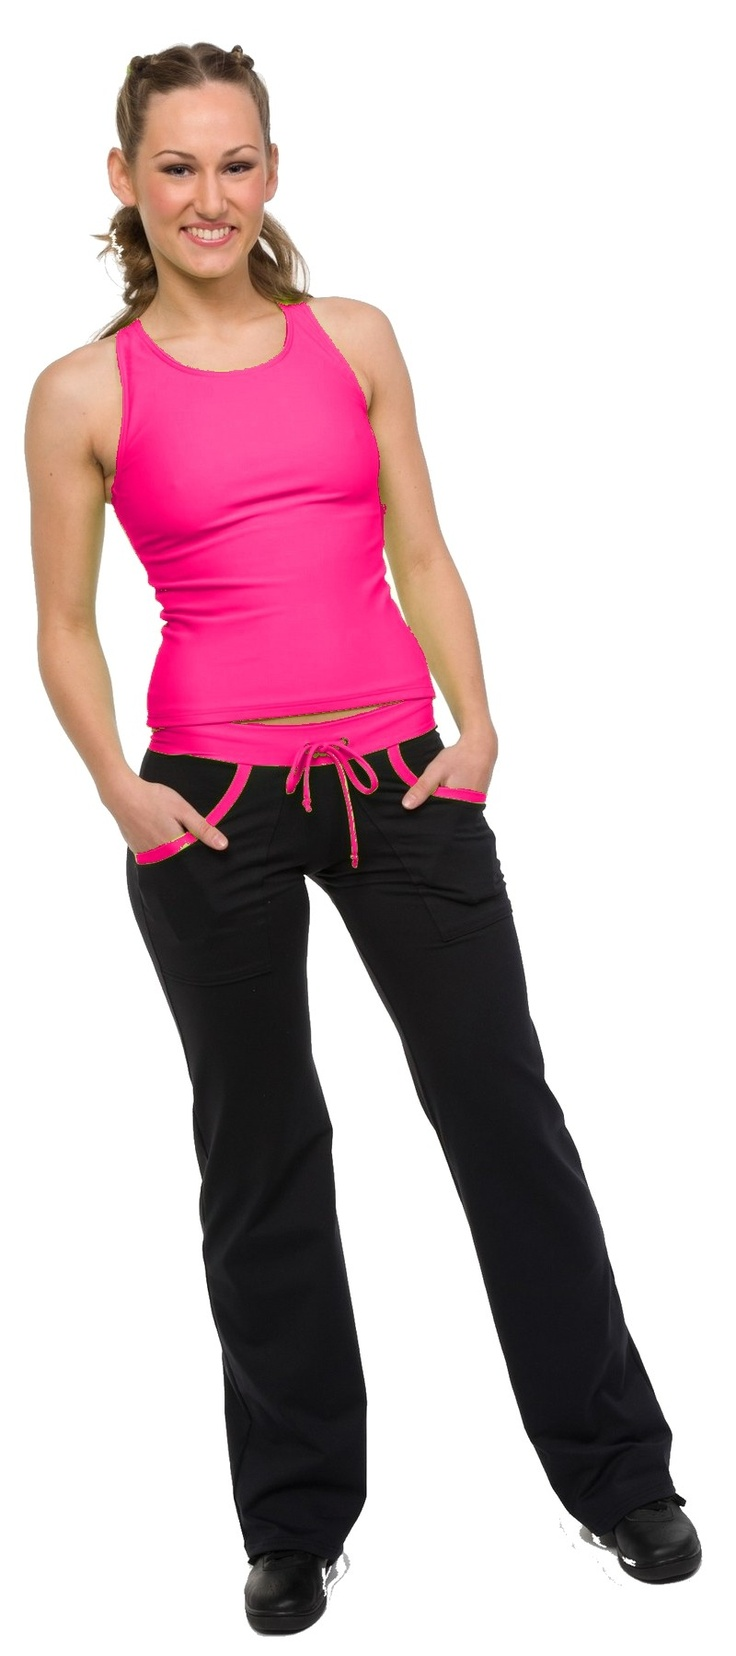 PIXIE Sportkleding - Pretty in Pink!